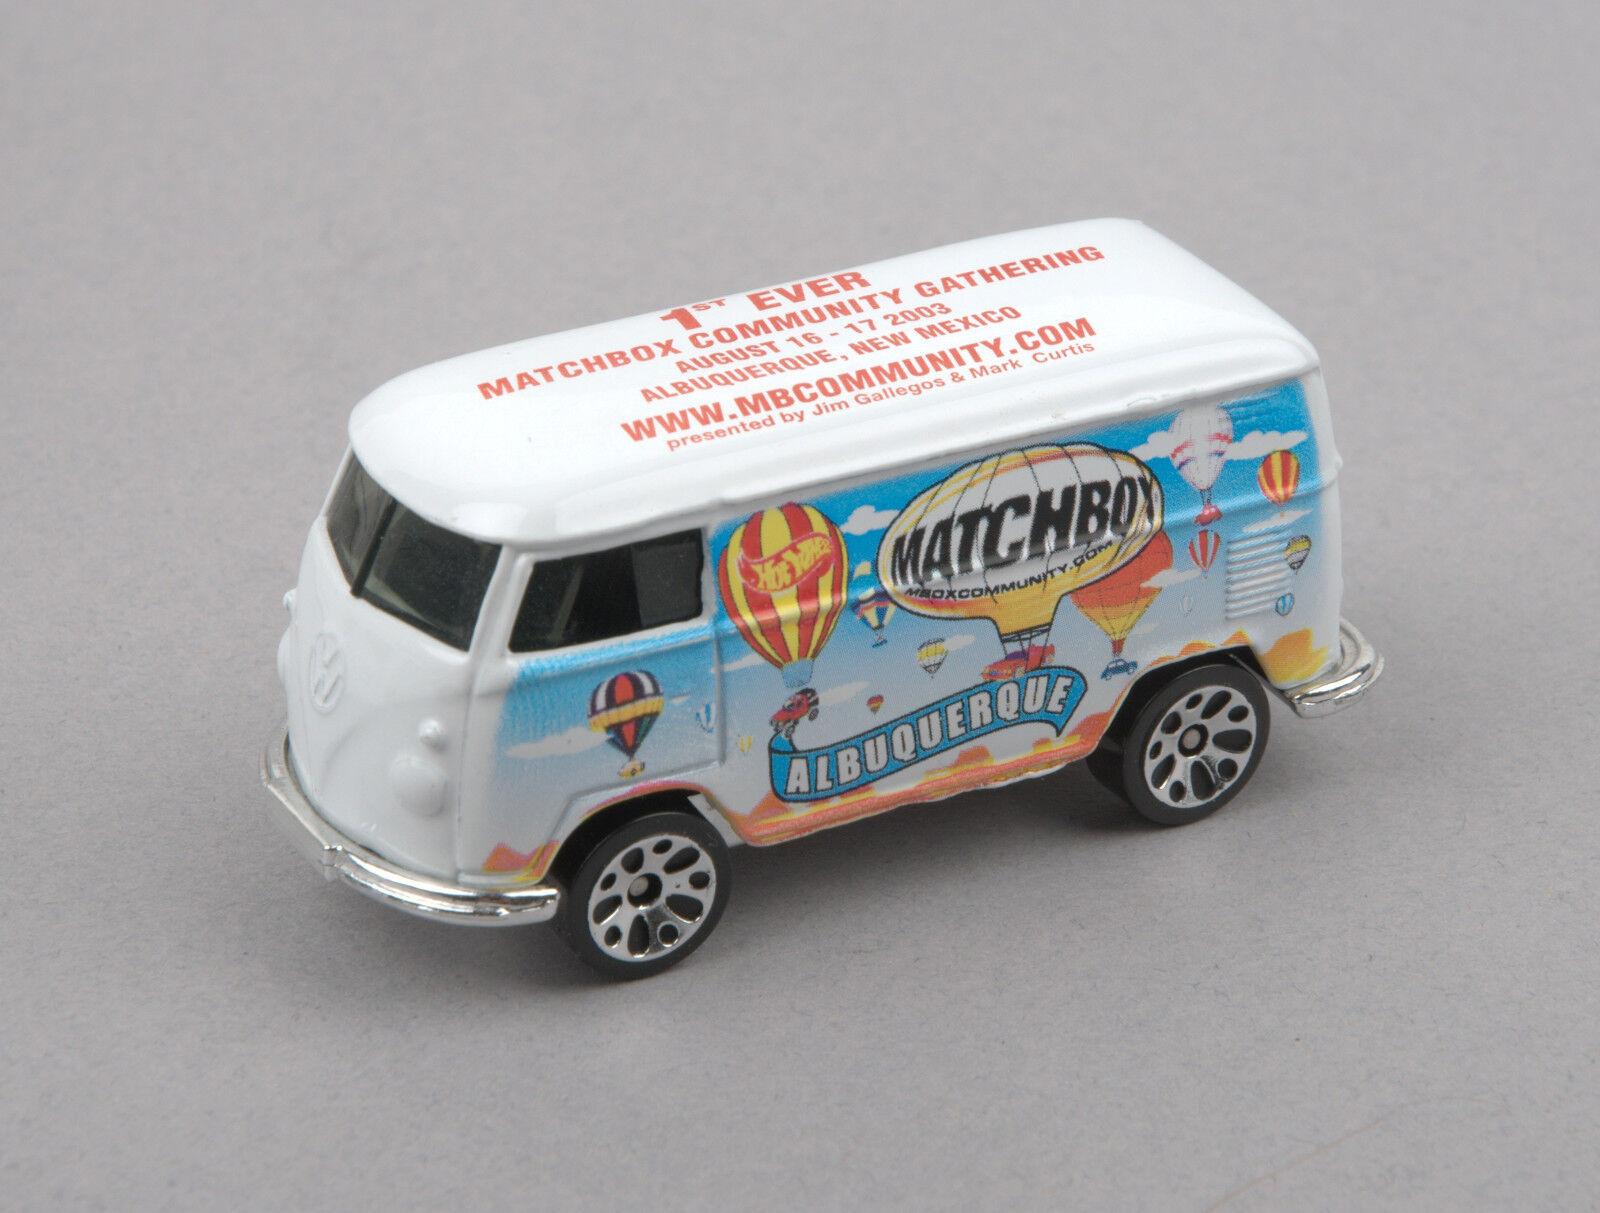 MATCHBOX 2003 1st jamais Community Gathering 1967 VW Delivery Van (Rouge)  En parfait état, dans sa boîte